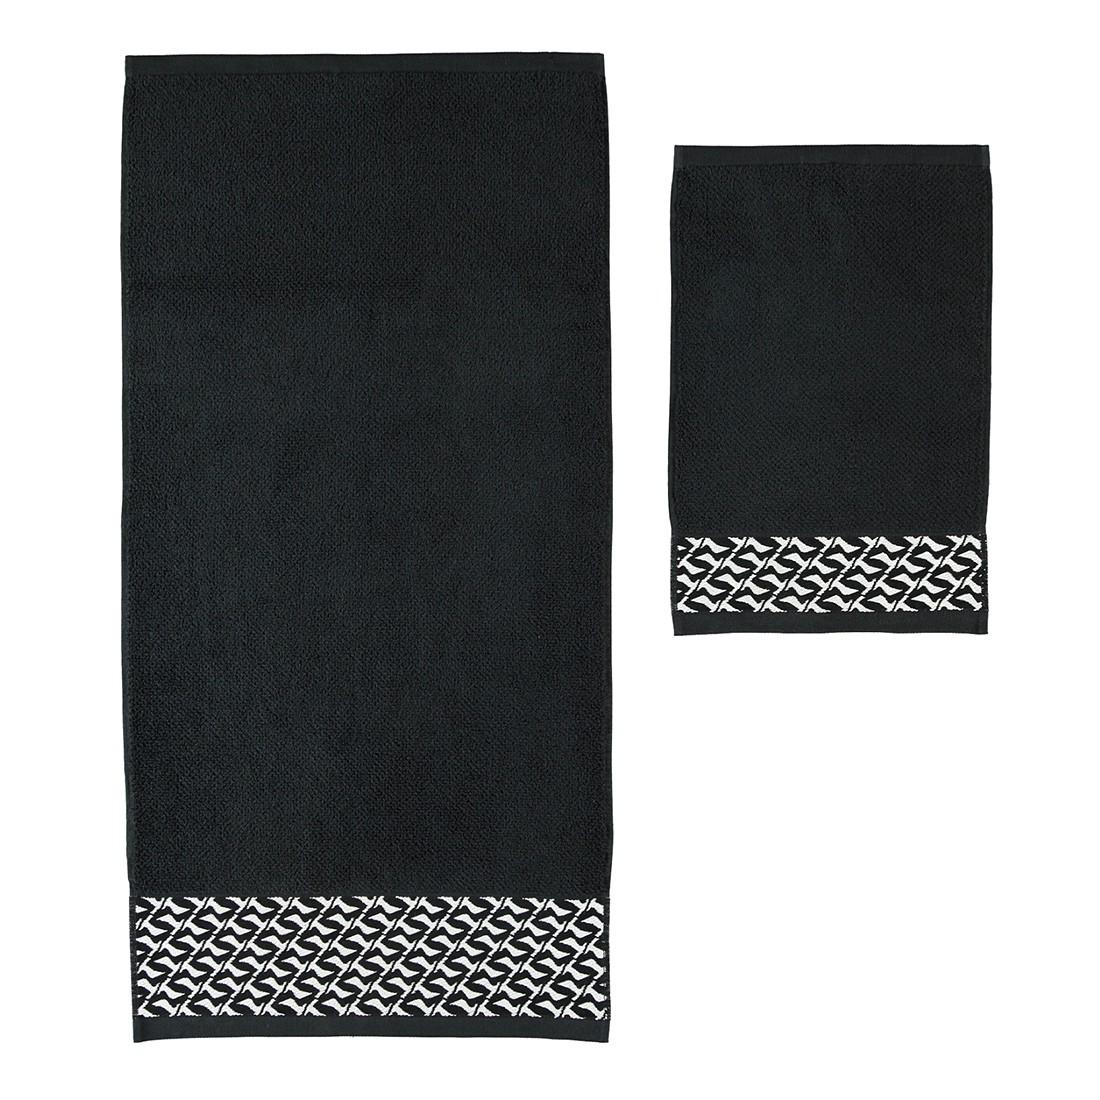 Handtücher Black & White Kontrast – Baumwolle – Black – Duschtuch 80×150 cm, Möve günstig